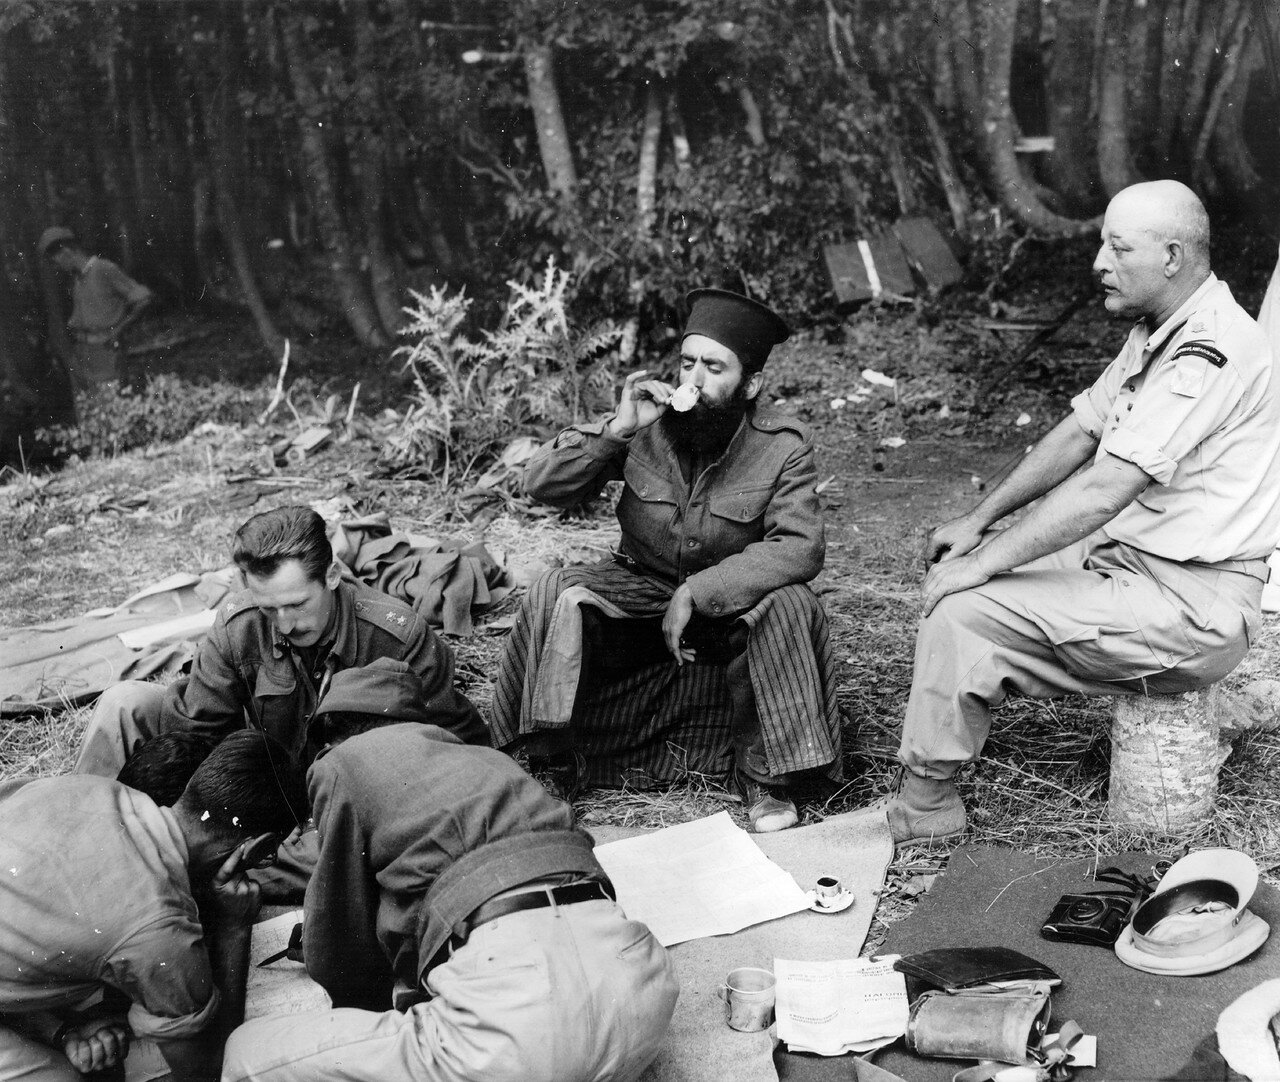 1947. Офицеры планируют нападение, в то время как священник пьет кофе. В каждой бригаде был священник, который ехал вместе с ними